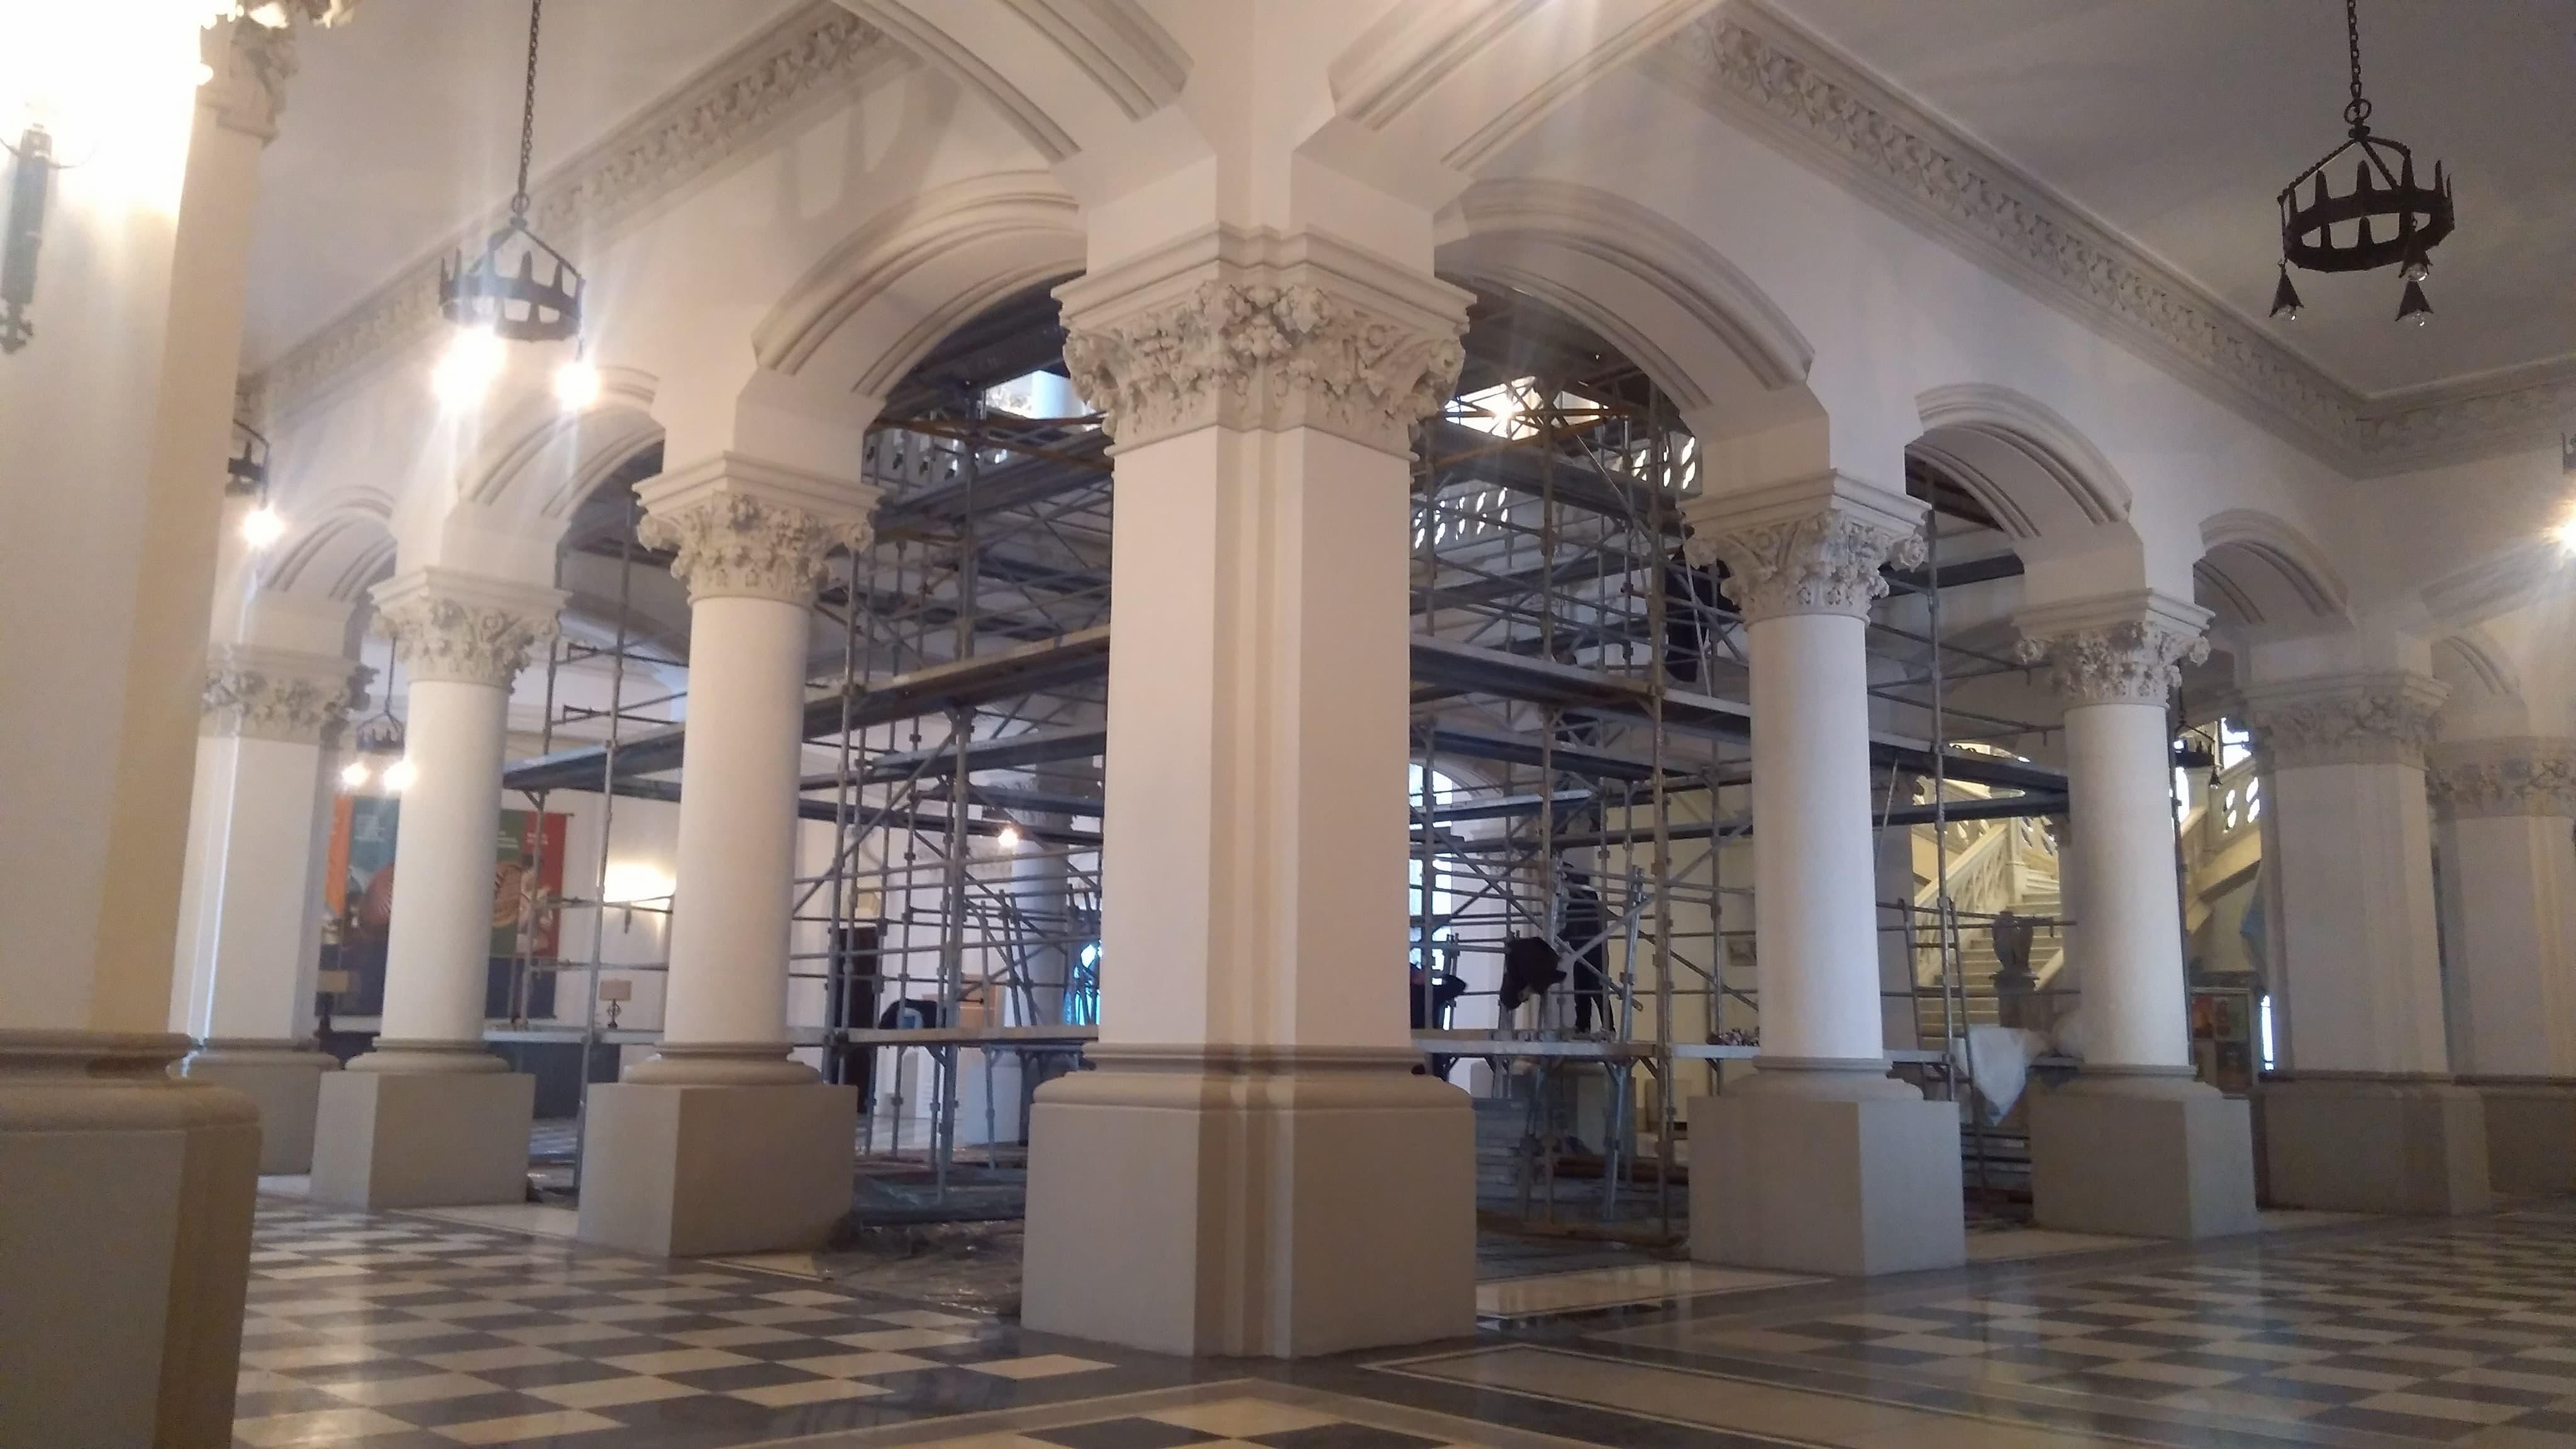 Alerta la Palatul Culturii, dupa 2 ani de la receptia lucrarilor de 30 milioane euro! Probleme tehnice pana in ultima zi de garantie